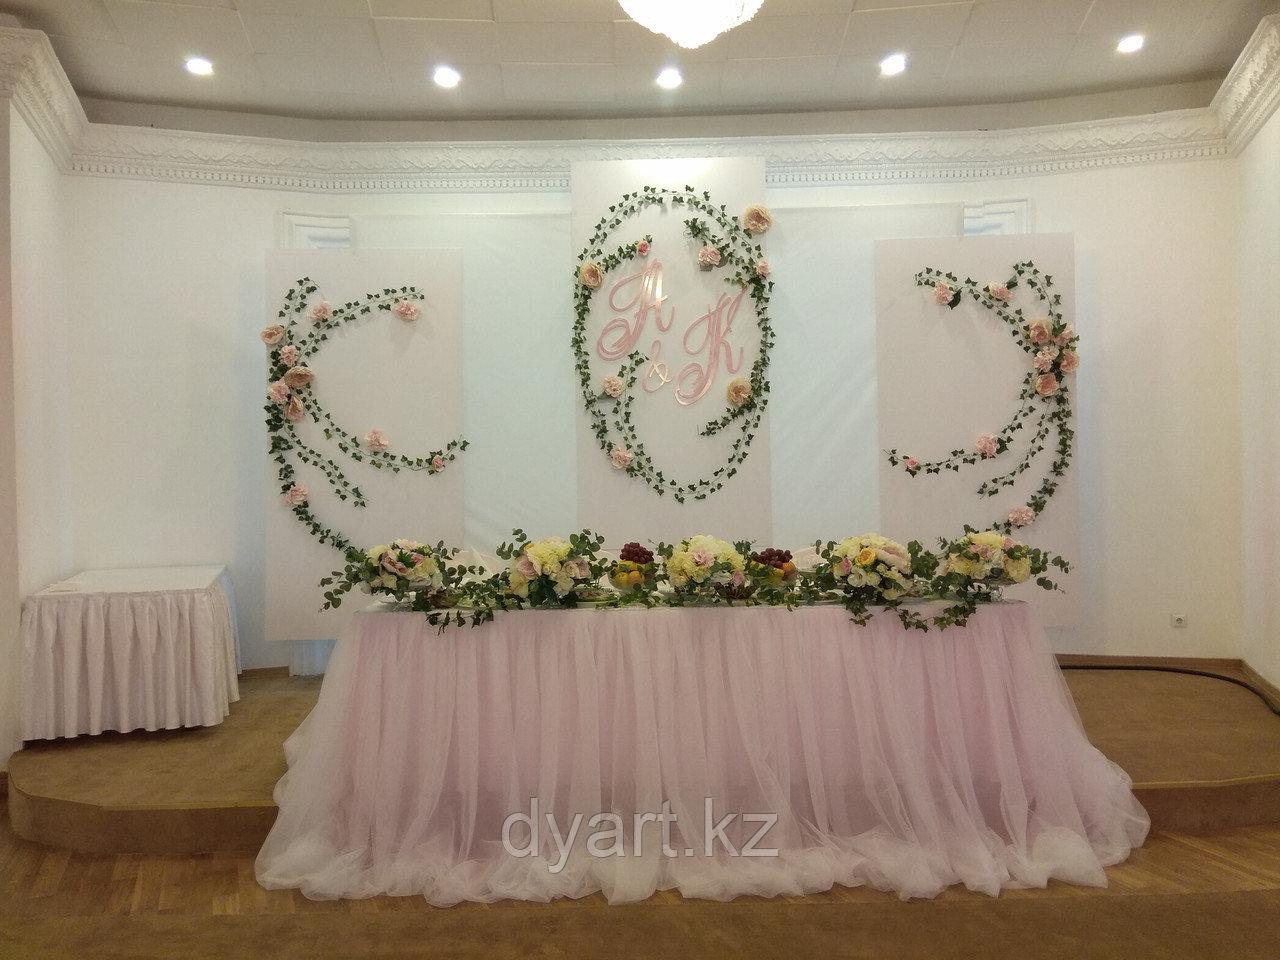 Весенняя свадьба, декор